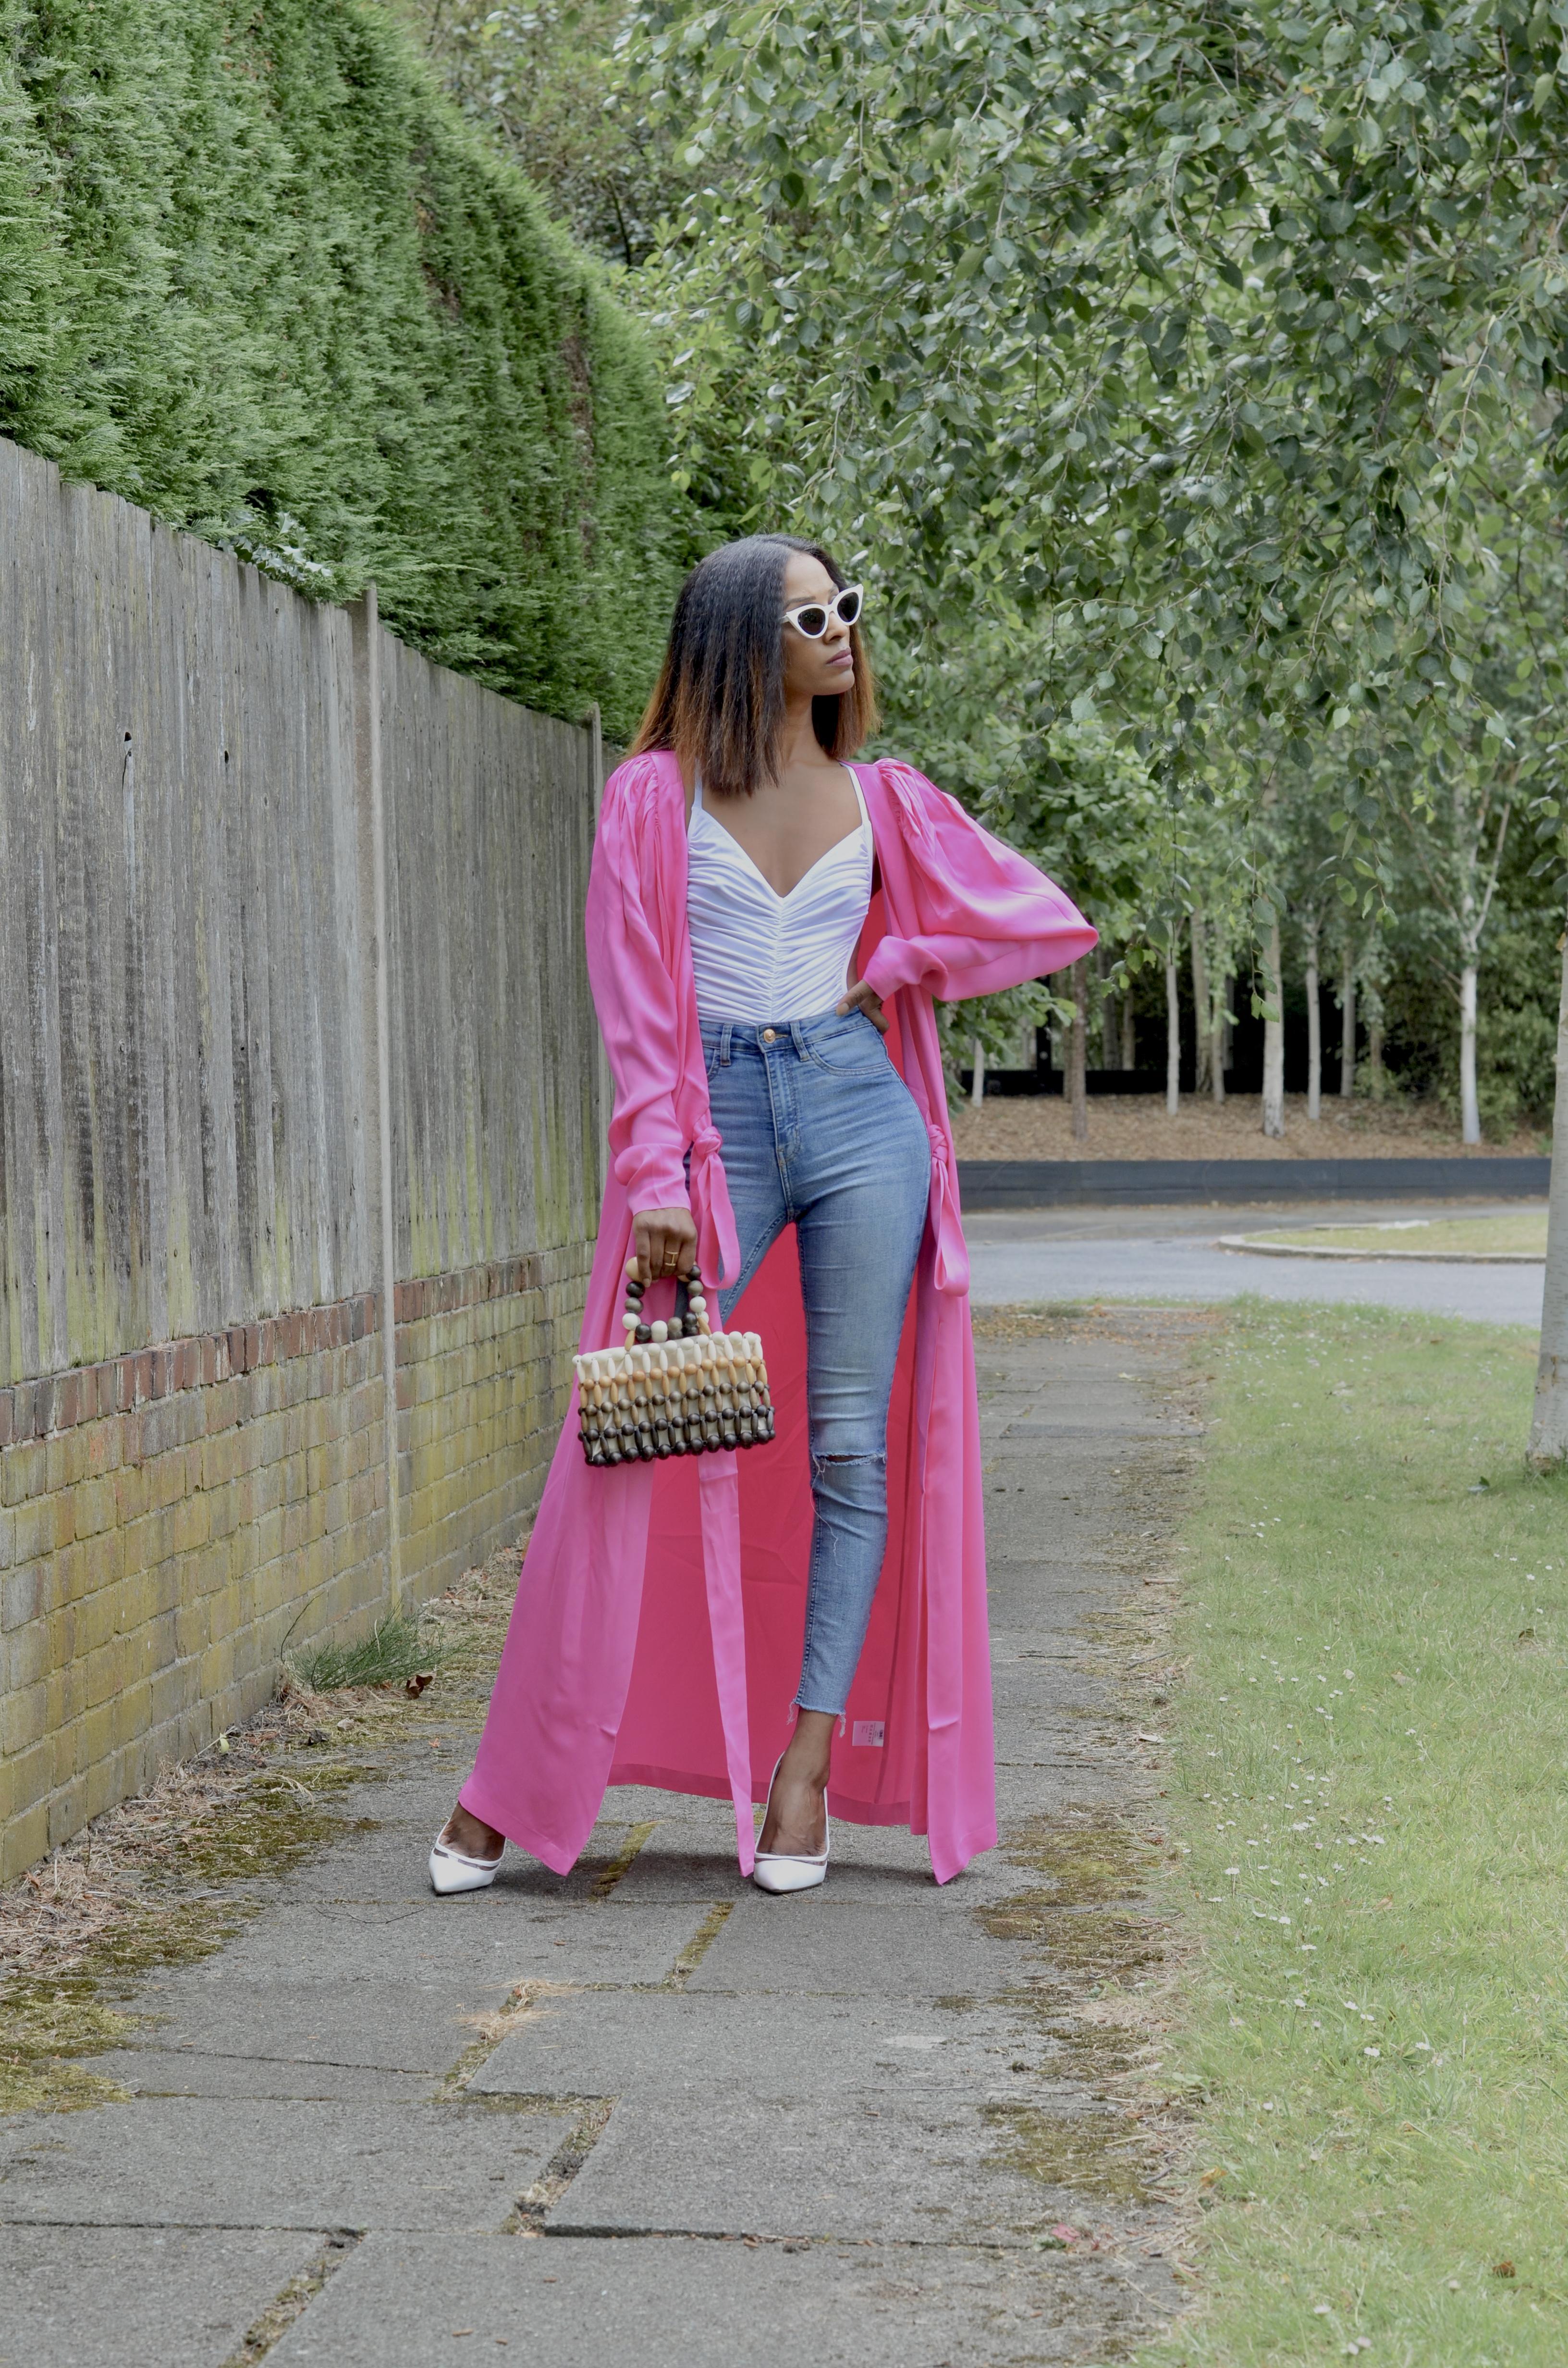 HOW TO WEAR A DRESS AS A KIMONO